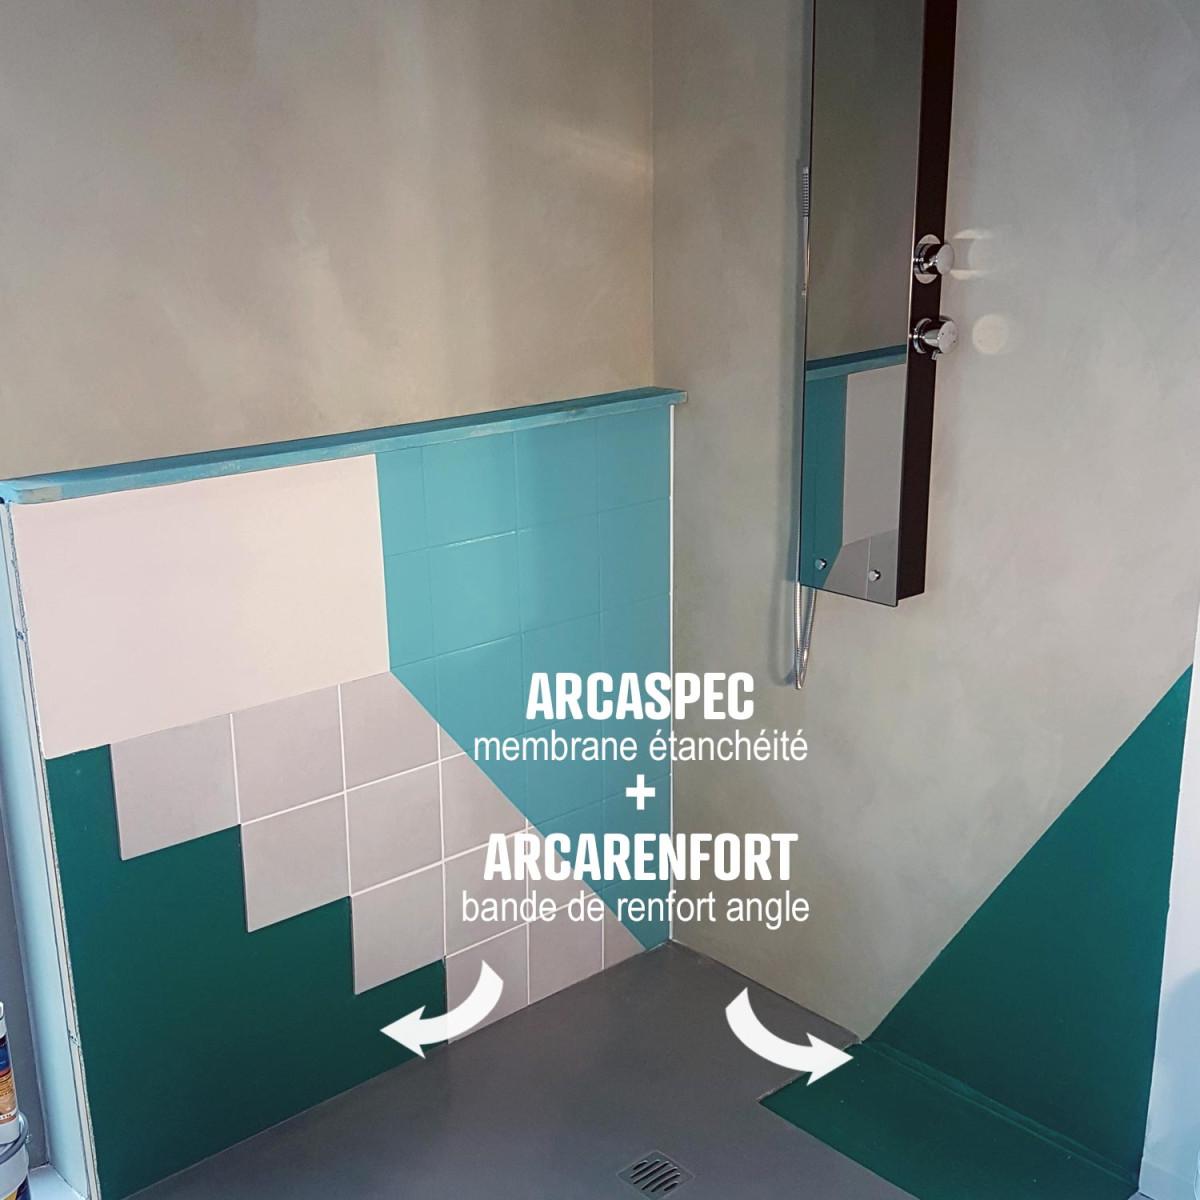 kit etancheite sous carrelage salle de bain spec arcaspec bande arcarenfort